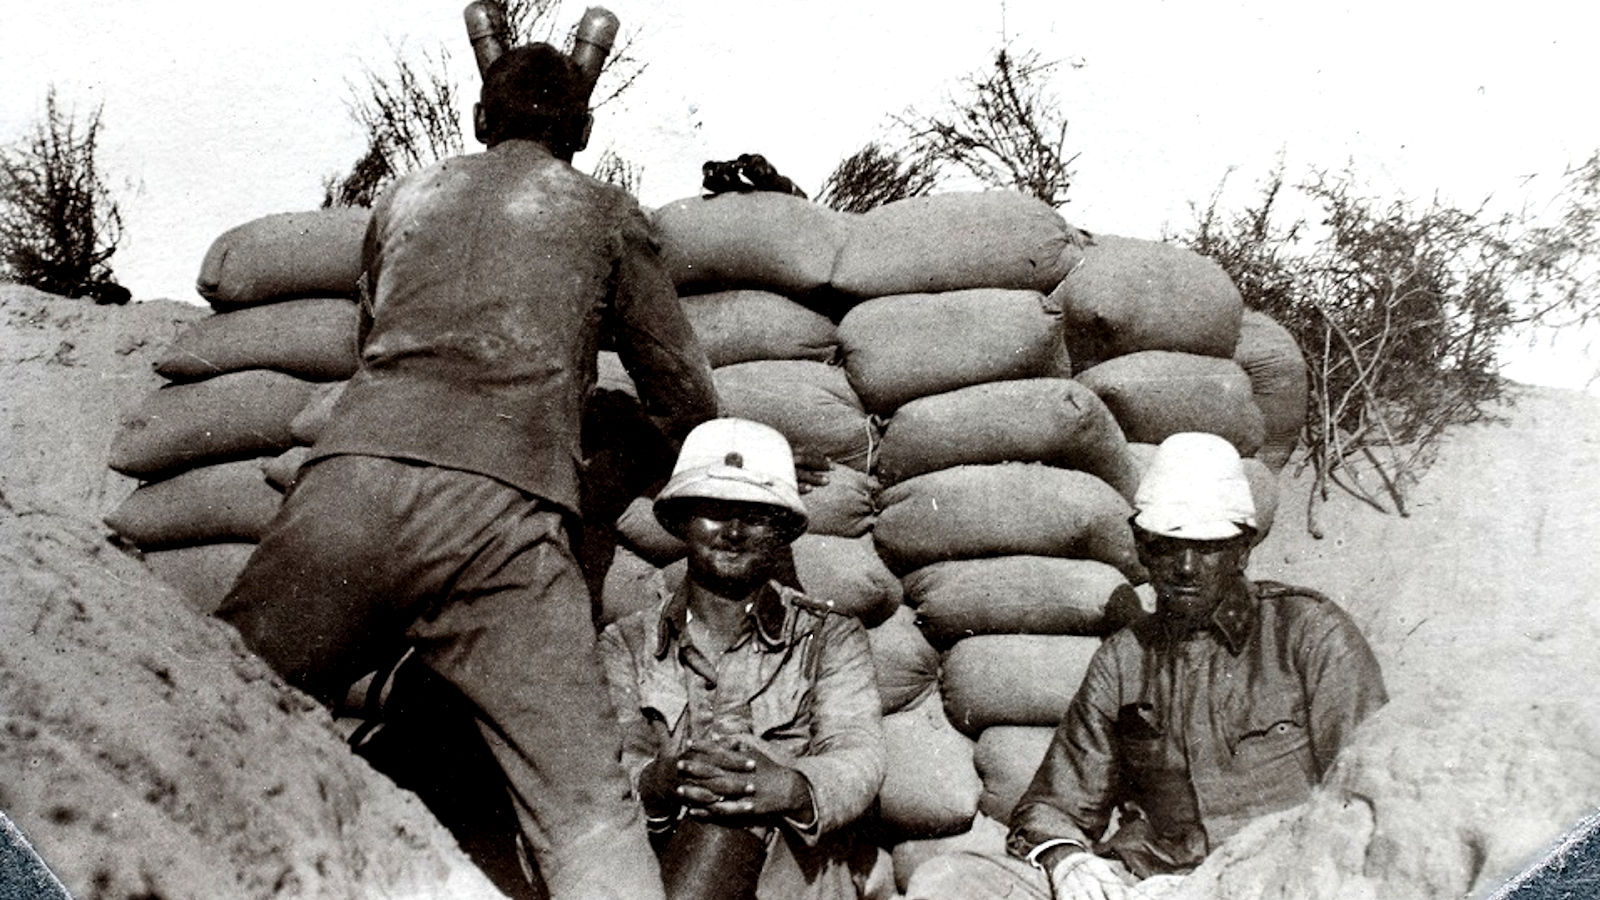 Fortepan-exkluzív: Ilyen volt a Szentföld egy első világháborús magyar tiszt szemével